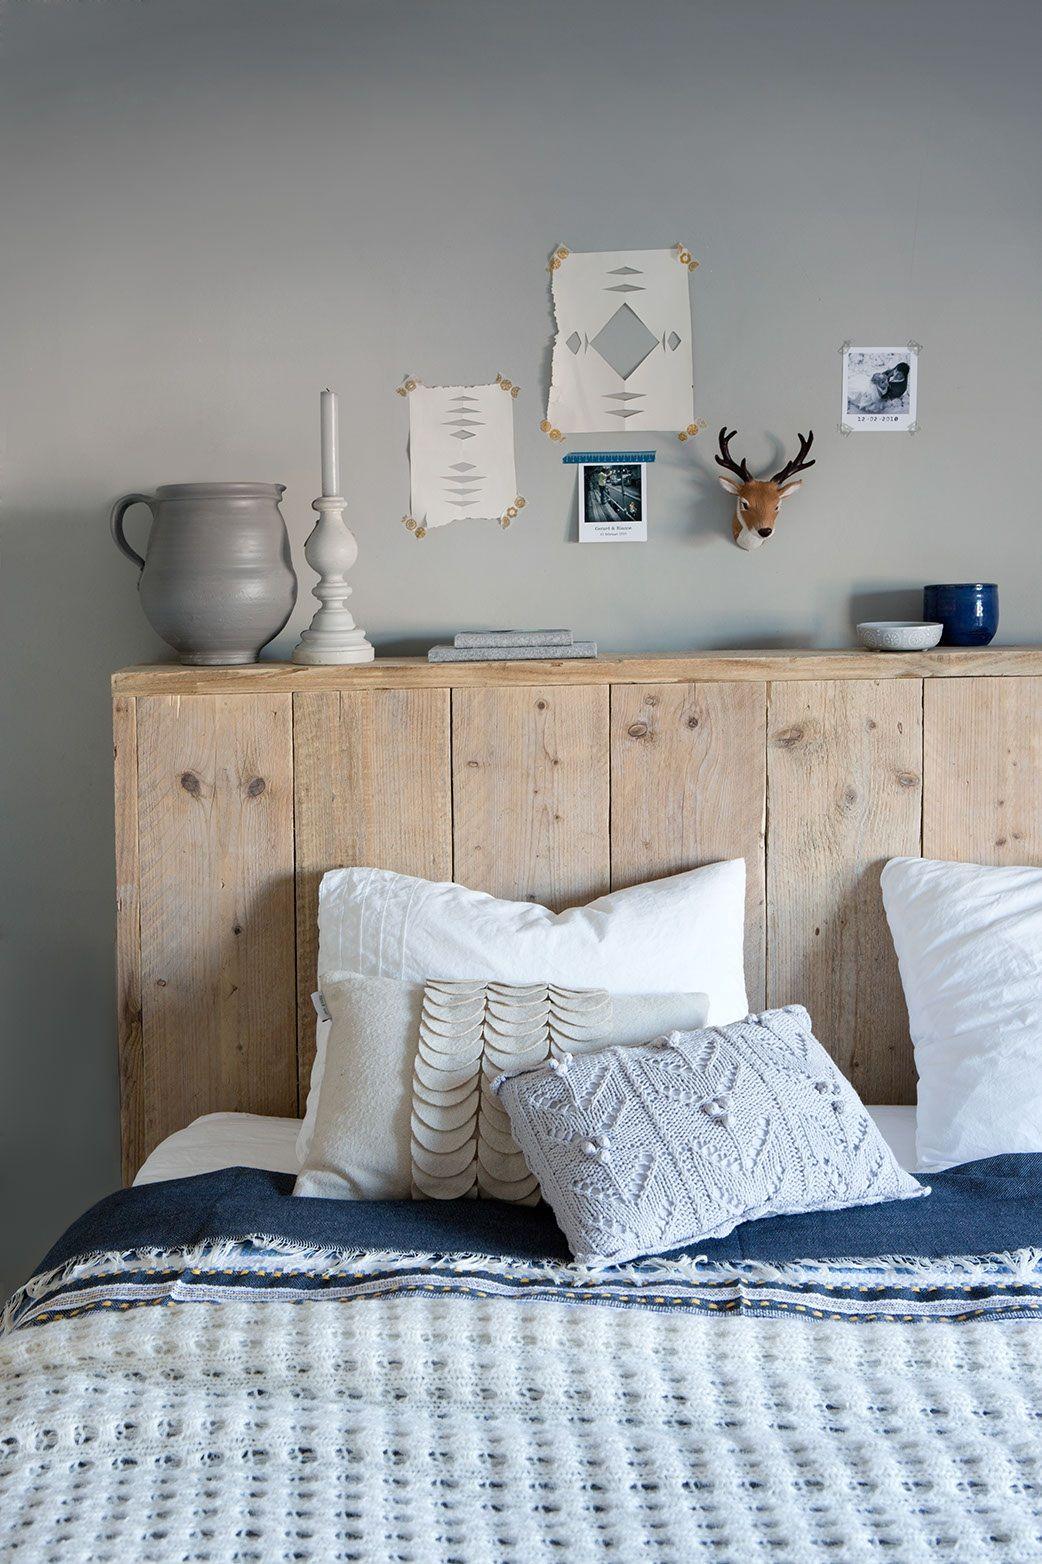 têtes de lit | tête de lit | pinterest | chambres, tete de et lits